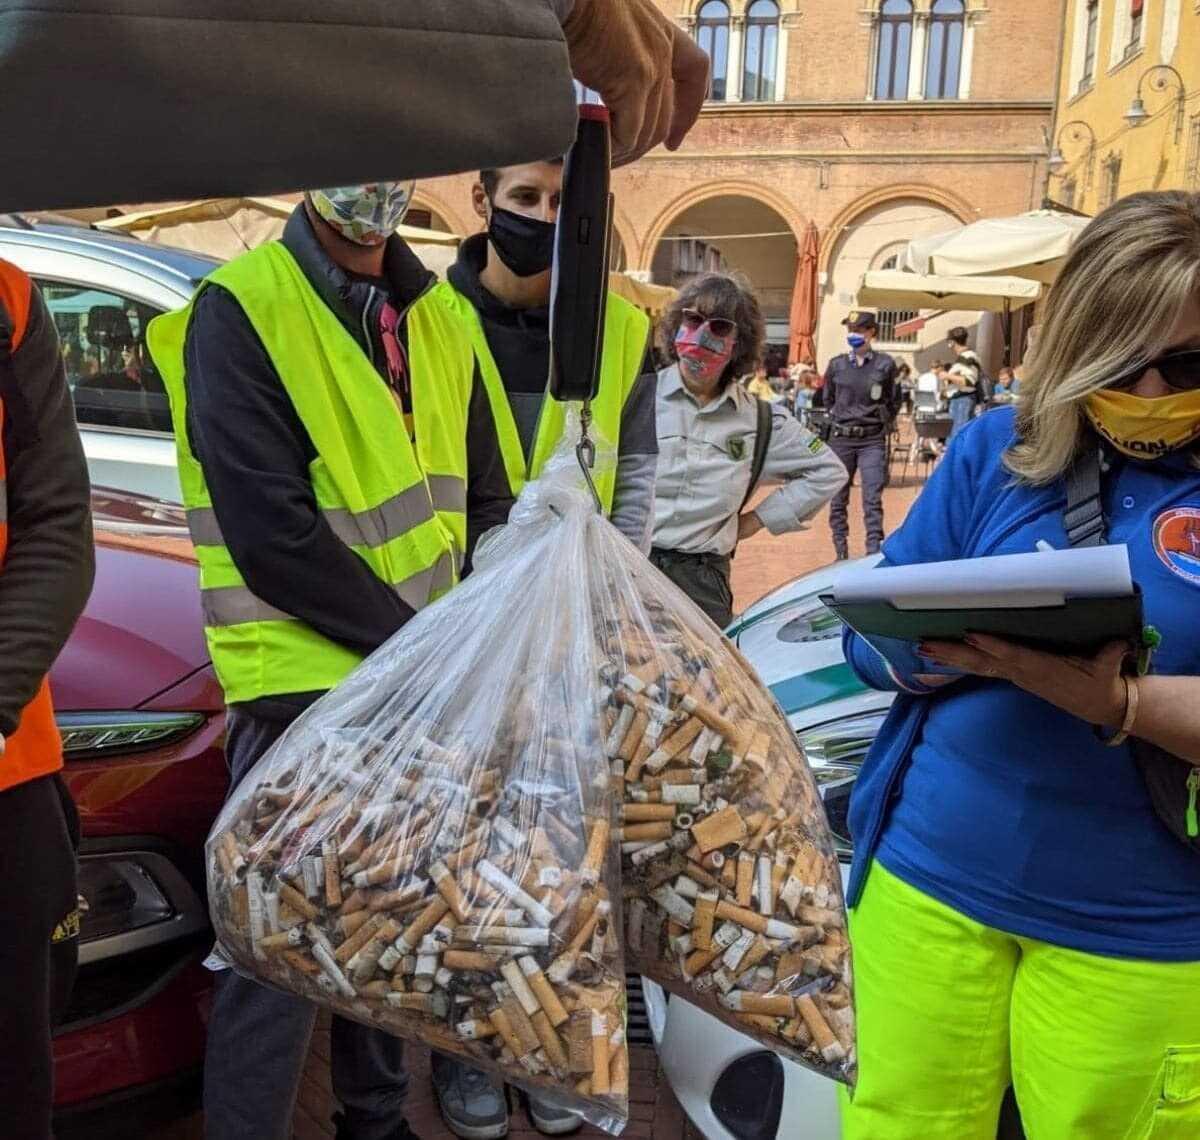 Le autorità consegnano i pacchi di sigarette raccolte in cambio di frutta